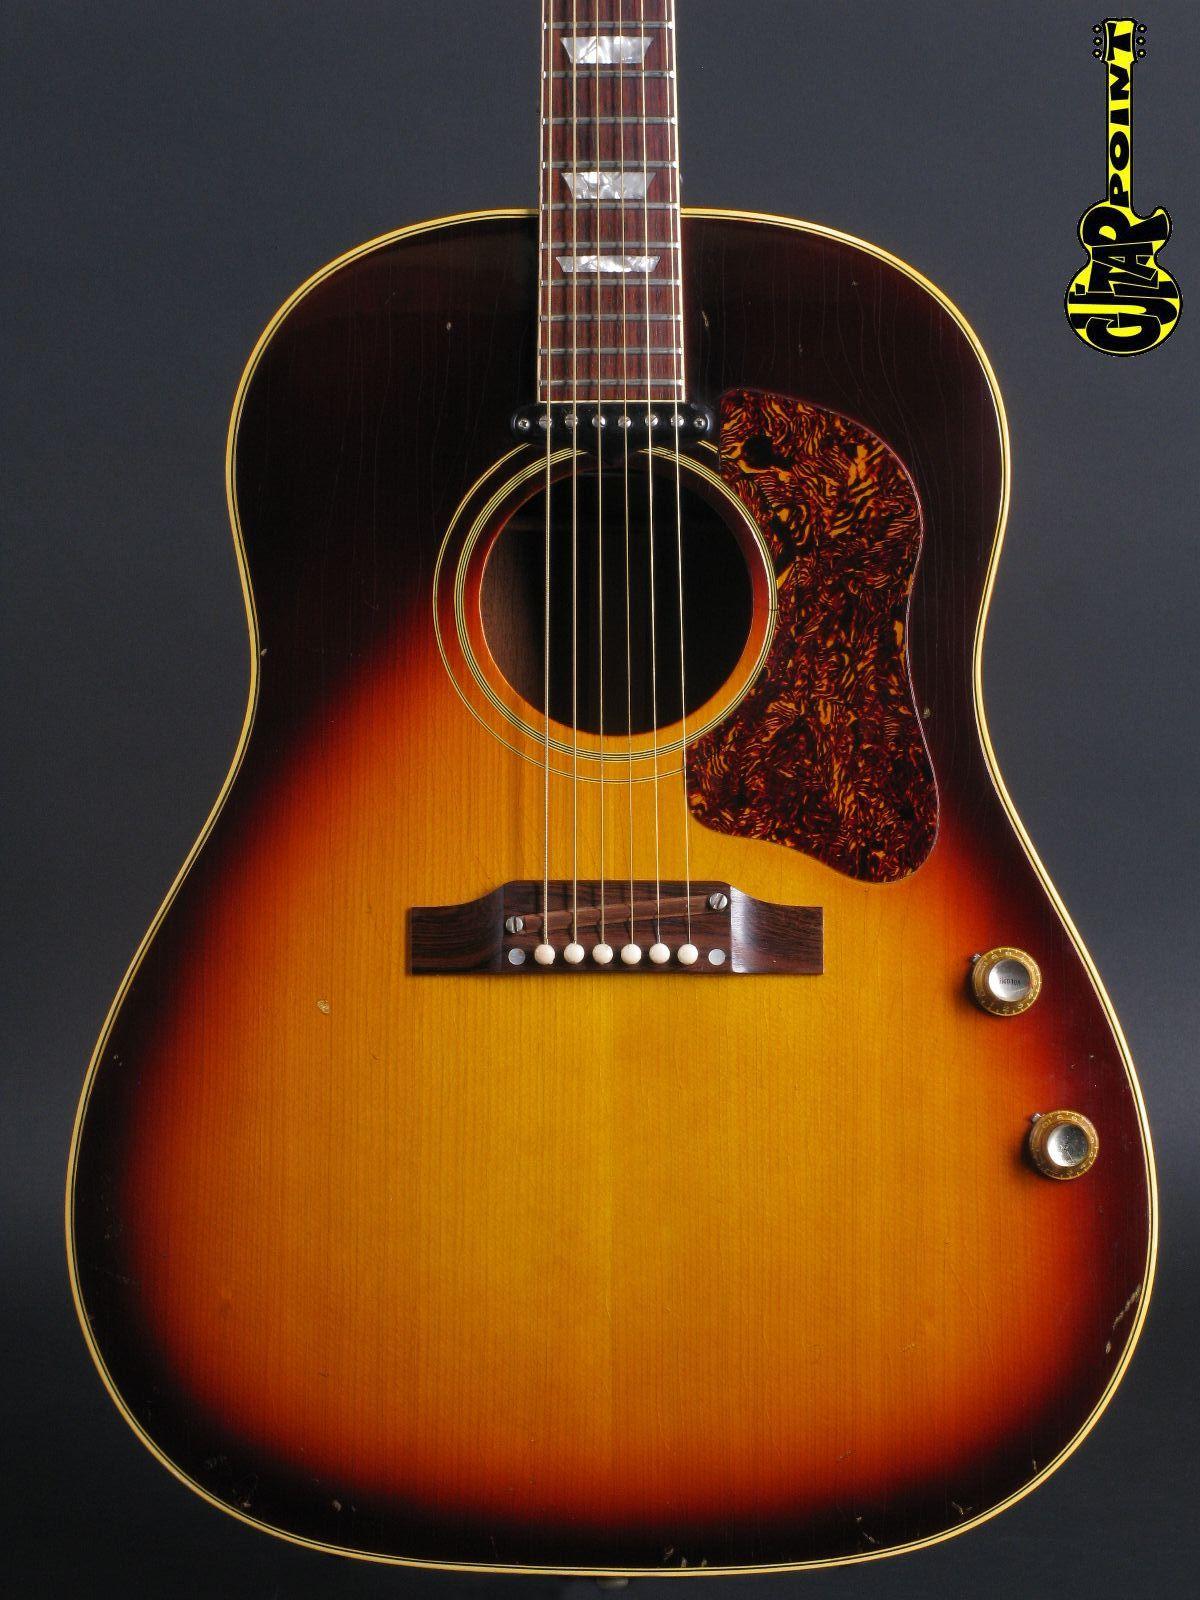 1967 Gibson J-160E - Sunburst